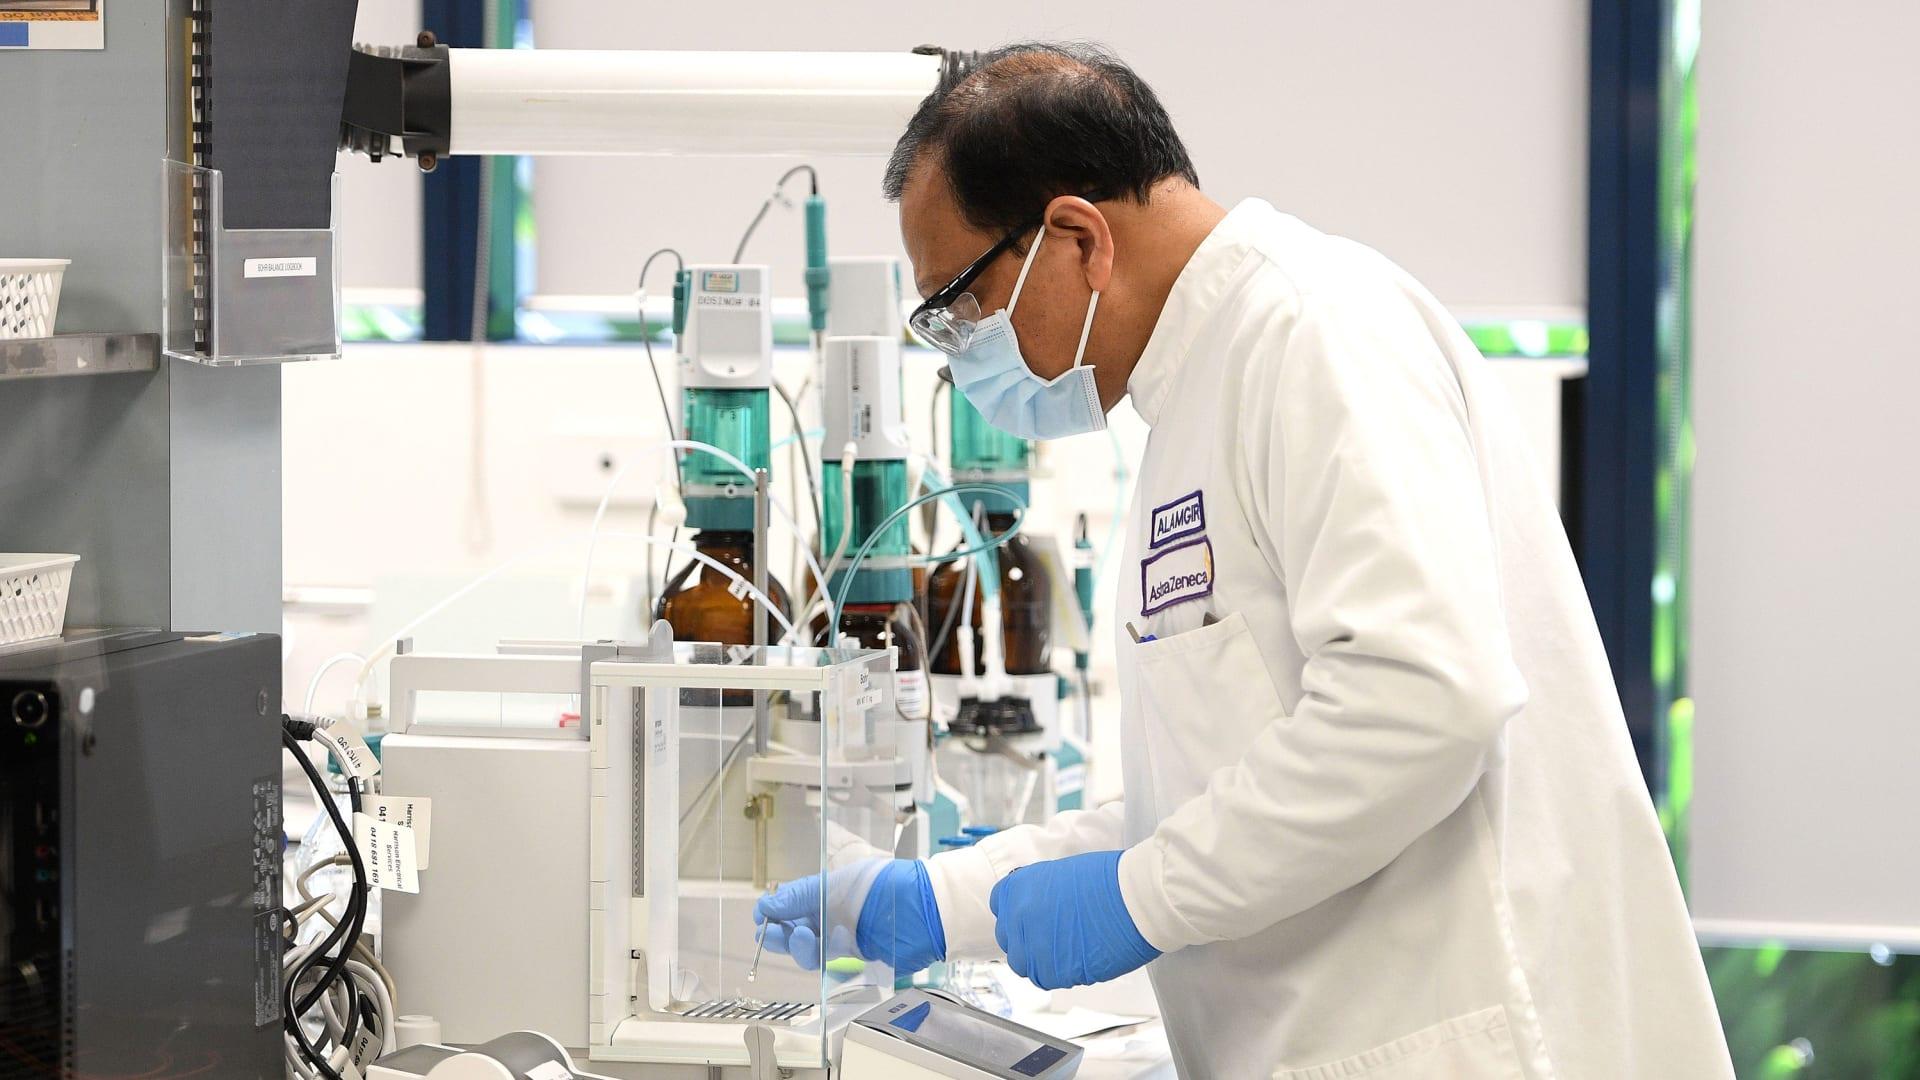 """شركة """"أسترازينيكا"""" المطورة للقاح كورونا تستحوذ على """"أليكسيون"""" للأمراض النادرة"""